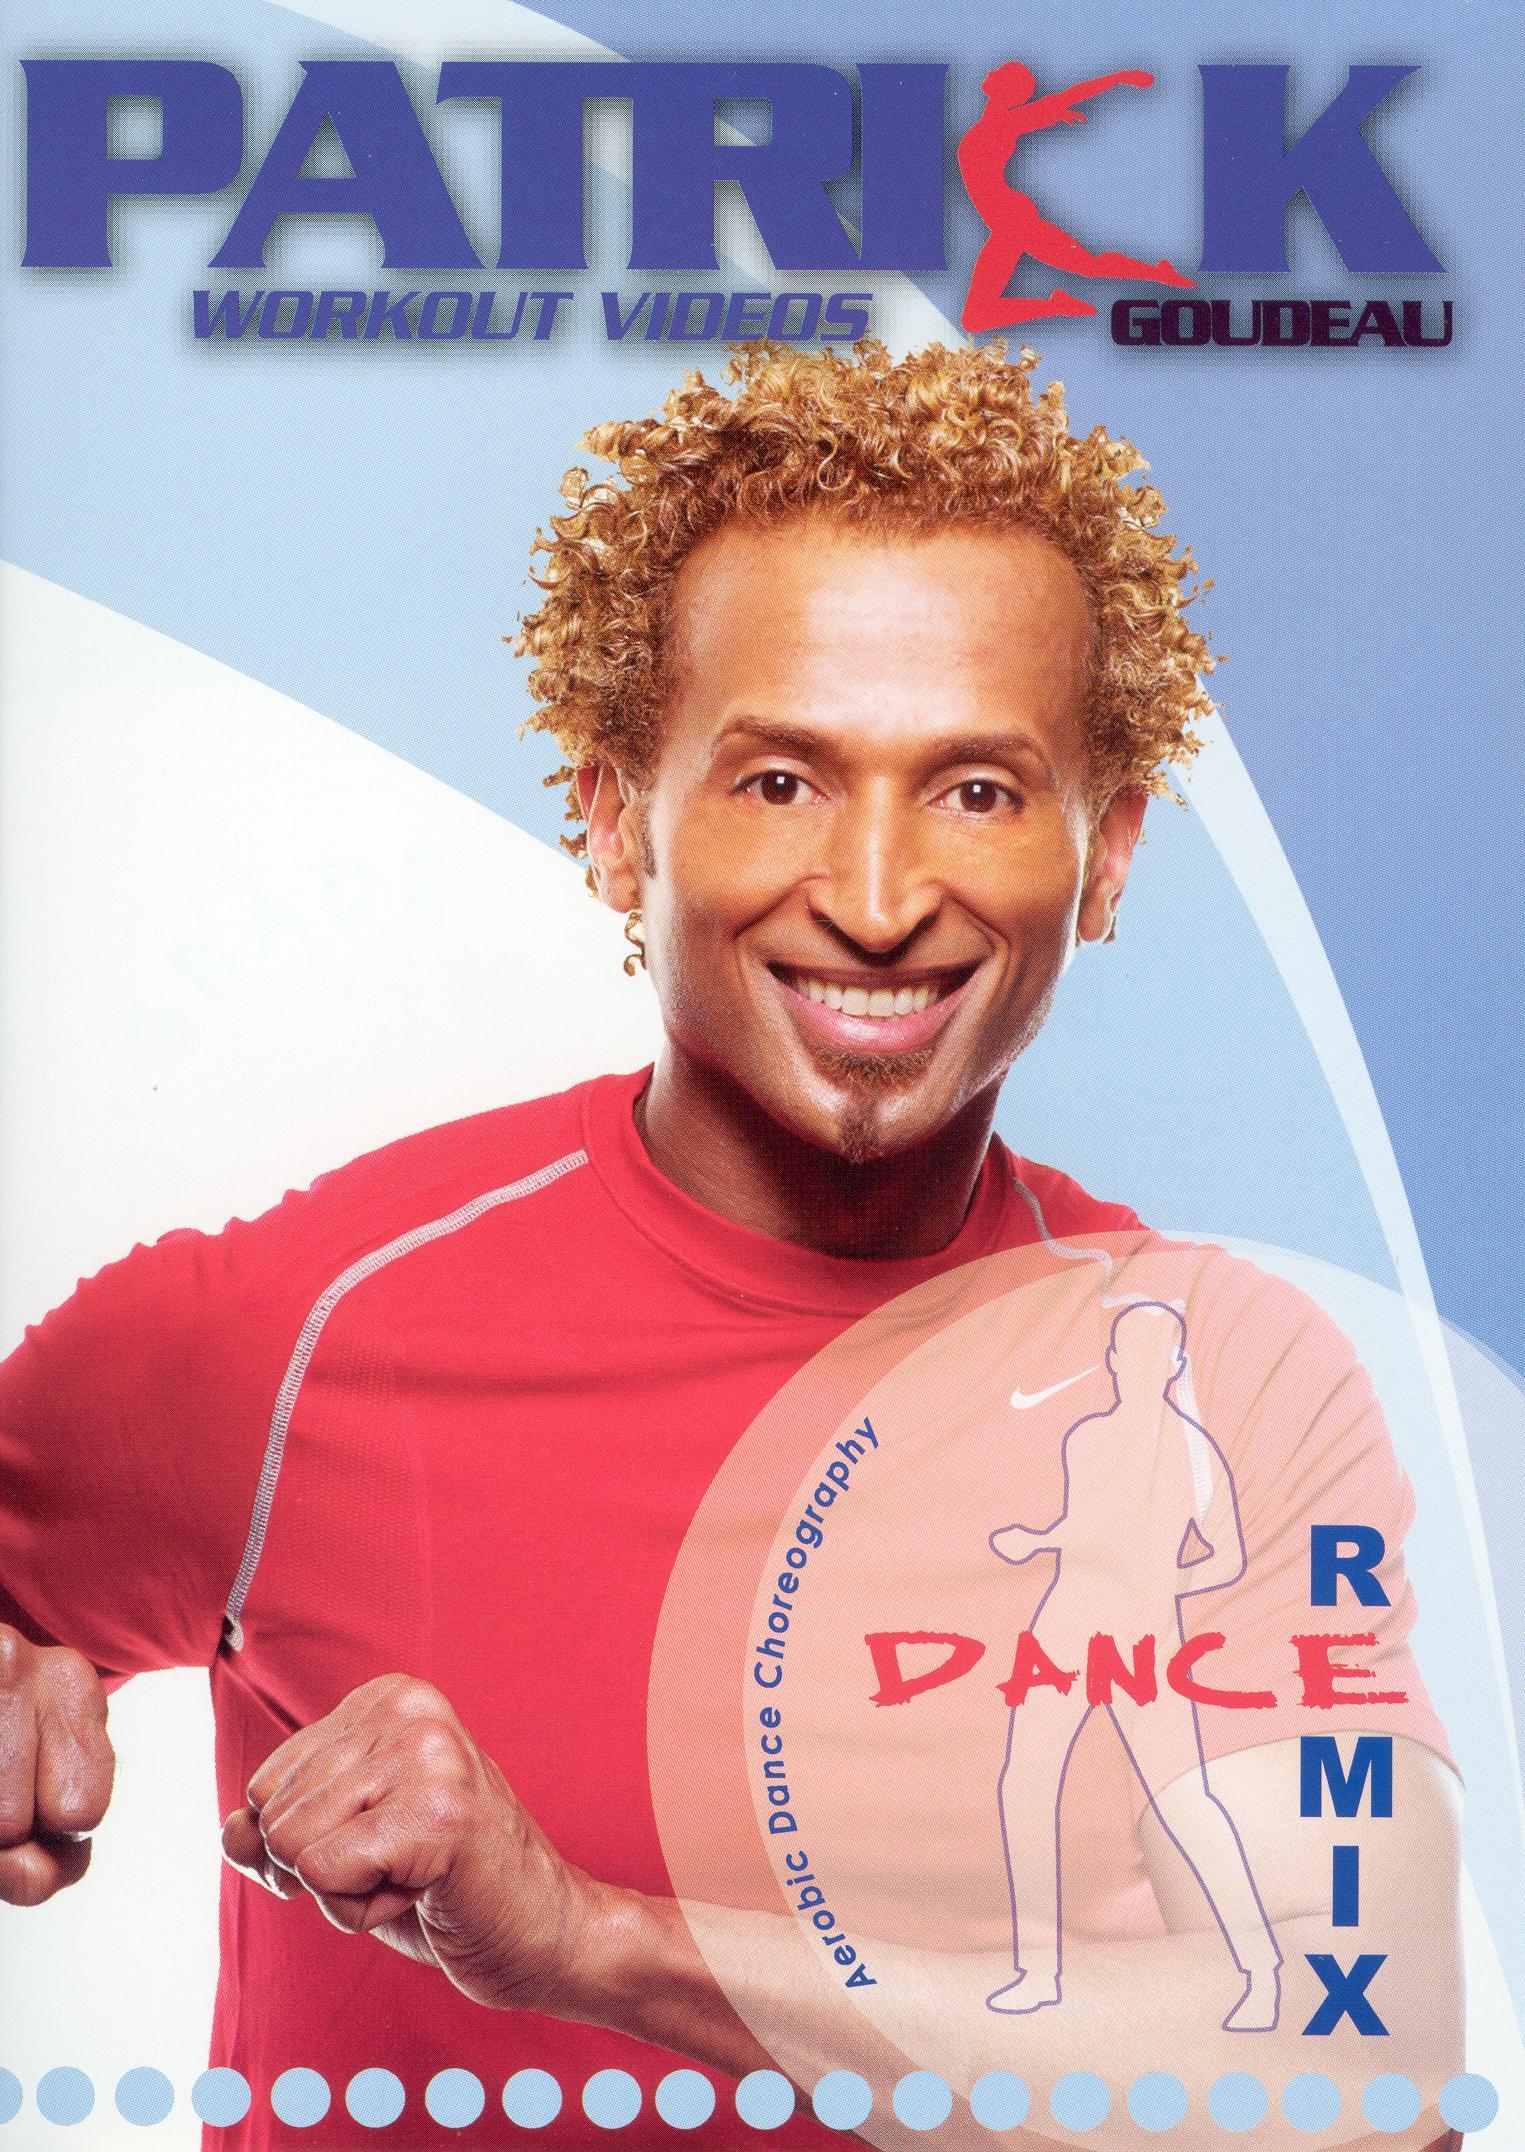 Dance Remix with Patrick Goudeau